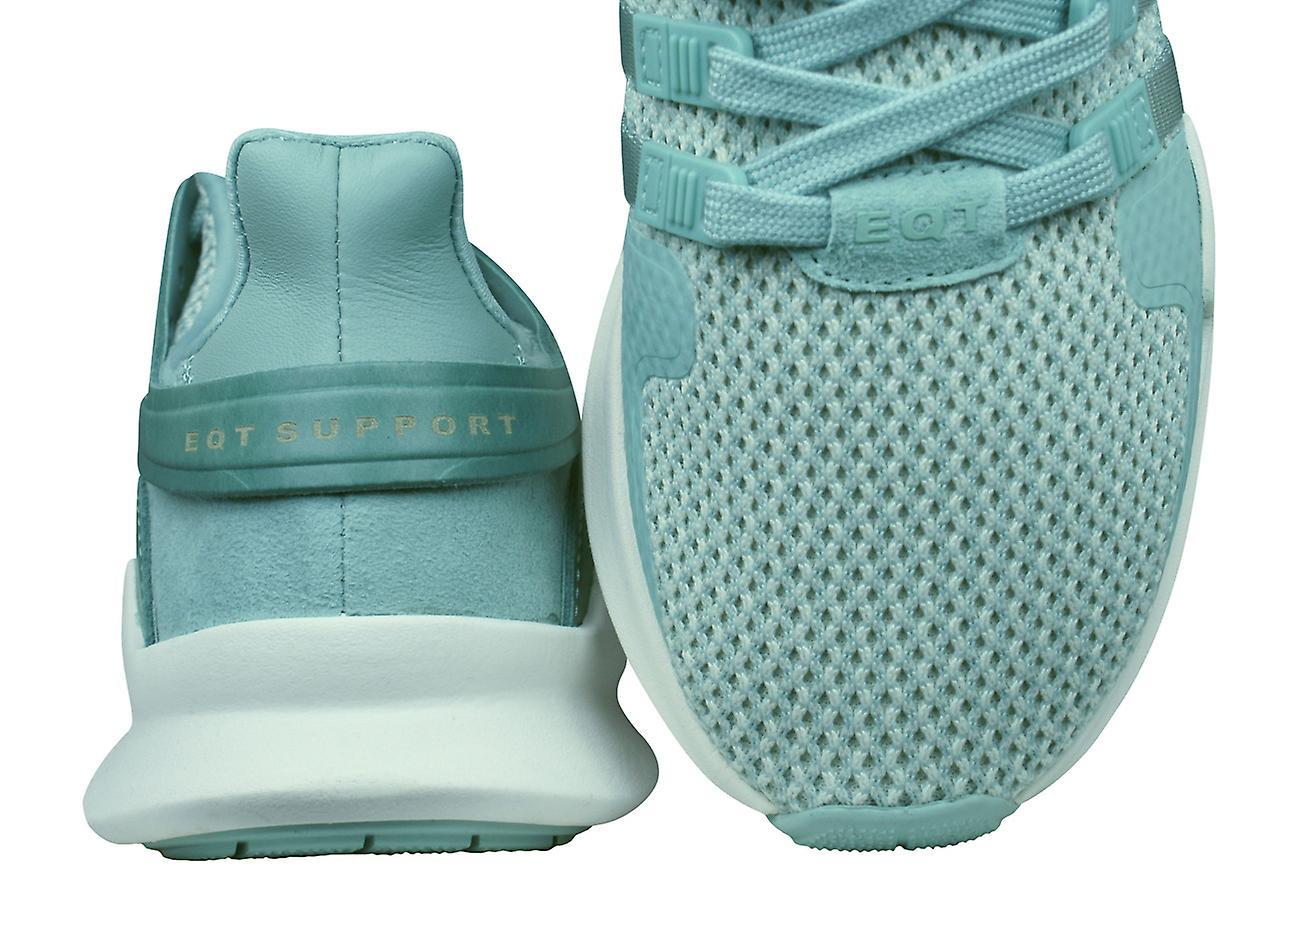 Adidas Originaler Eqt Støtte Adv Kvinners Joggesko - Grønn